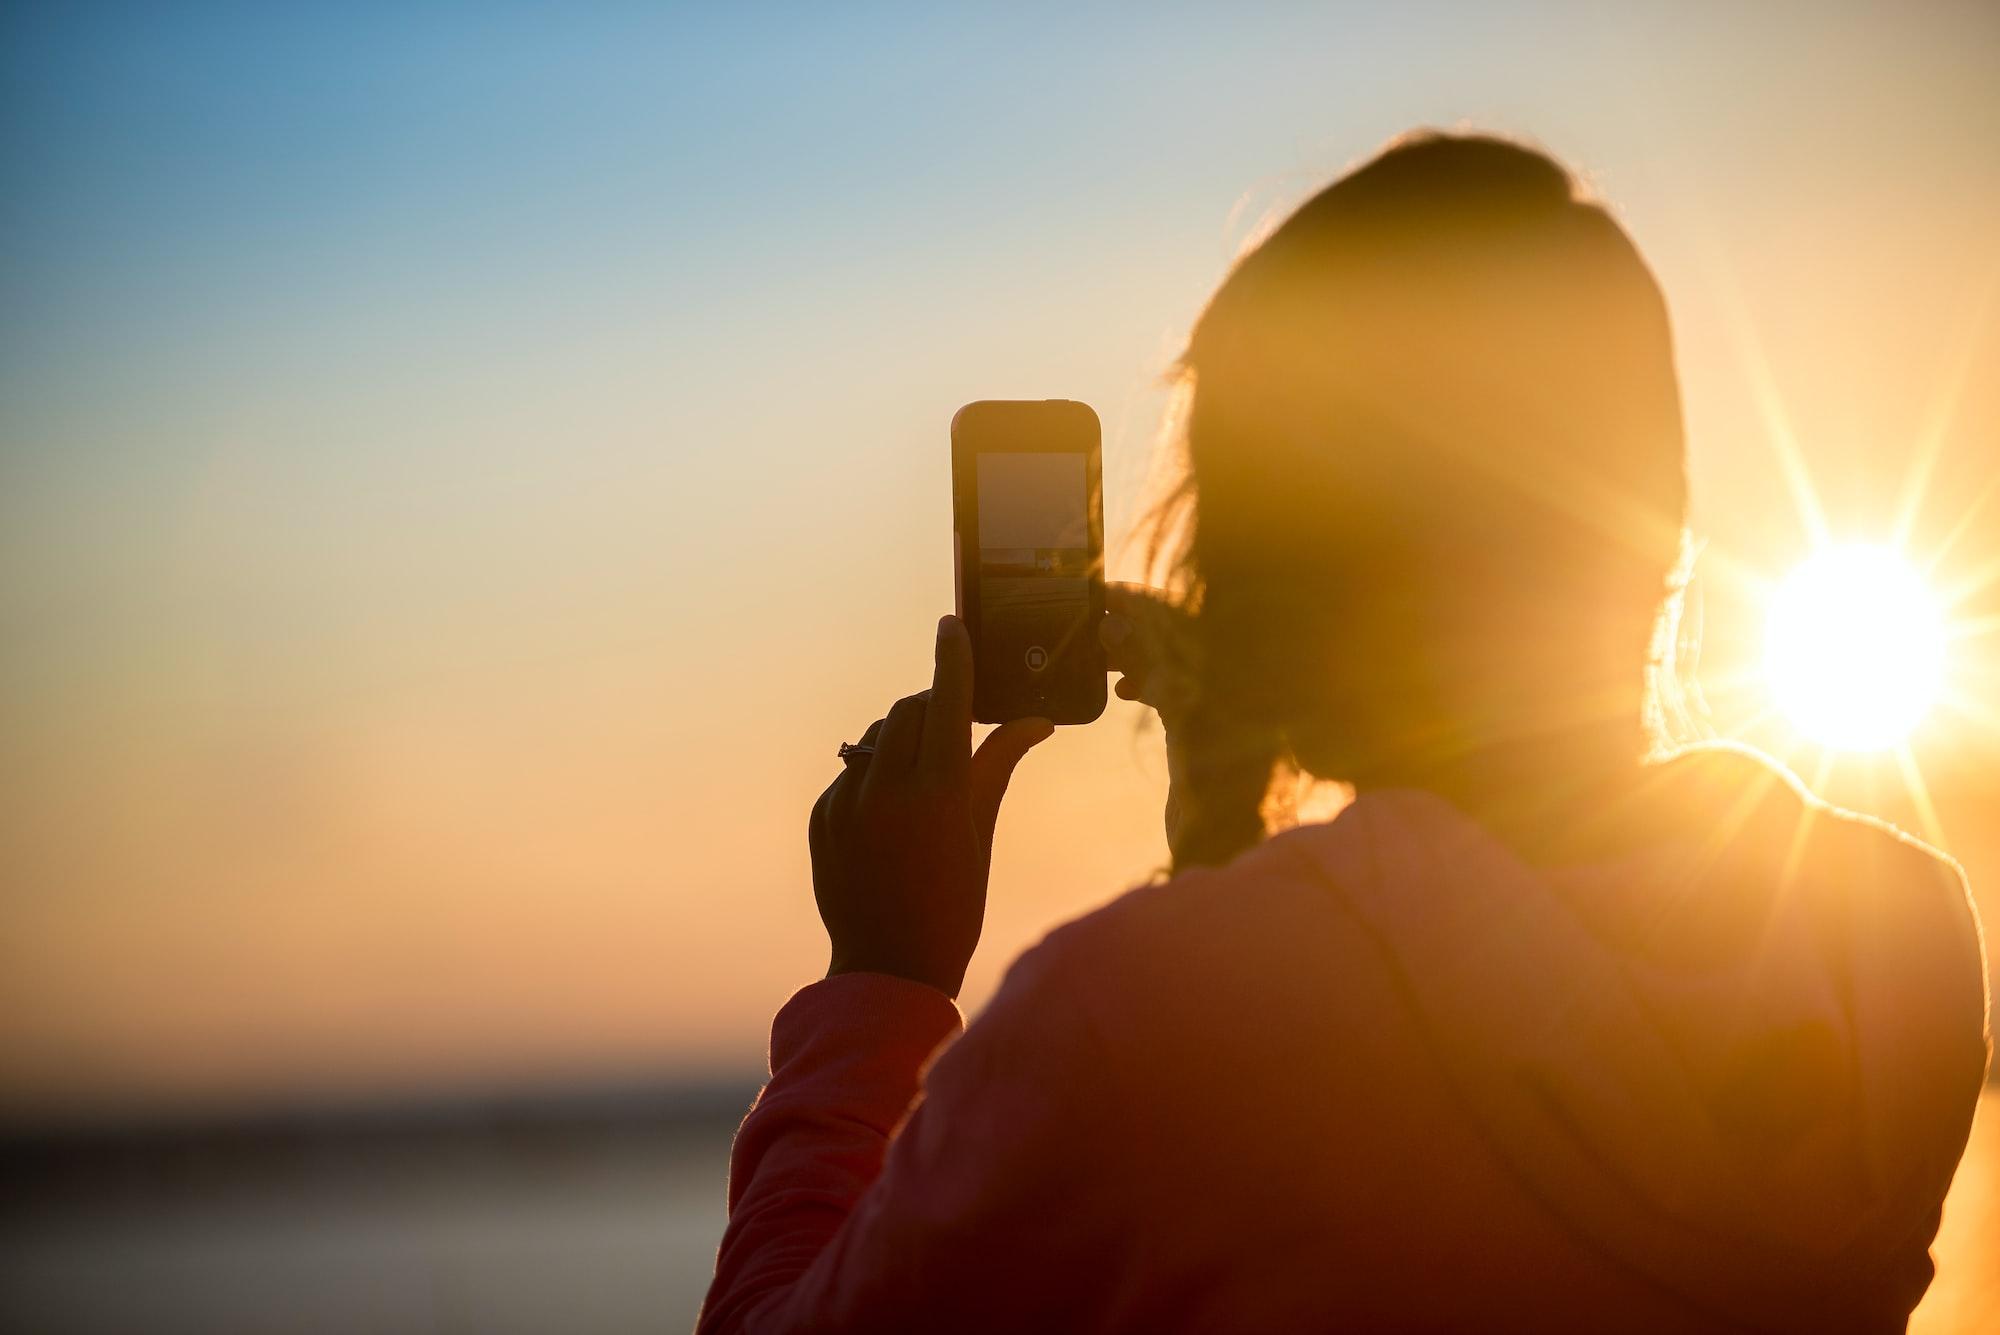 Llama, Envía SMS y Navega en la Unión Europea al Mismo Precio 🎰